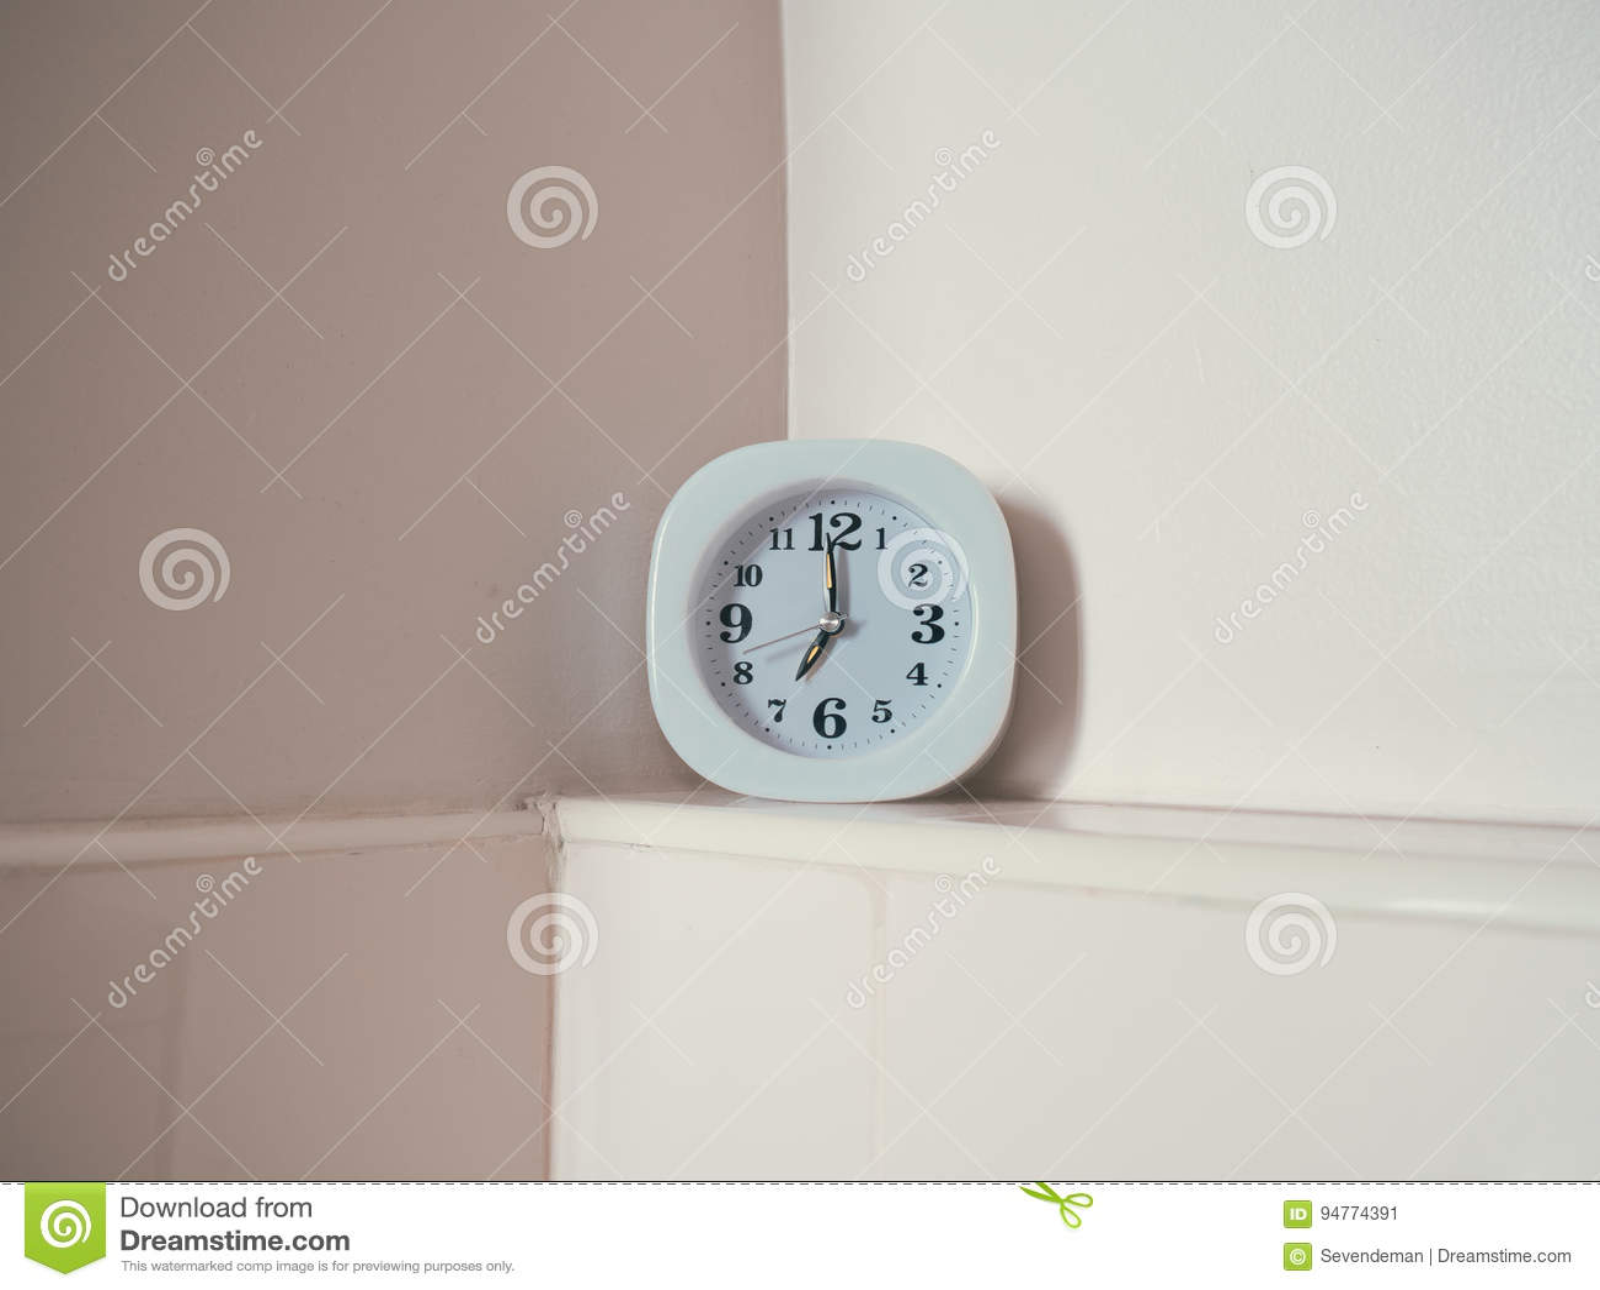 Concepto De Rutina De La Vida Con El Reloj En El Cuarto De Baño